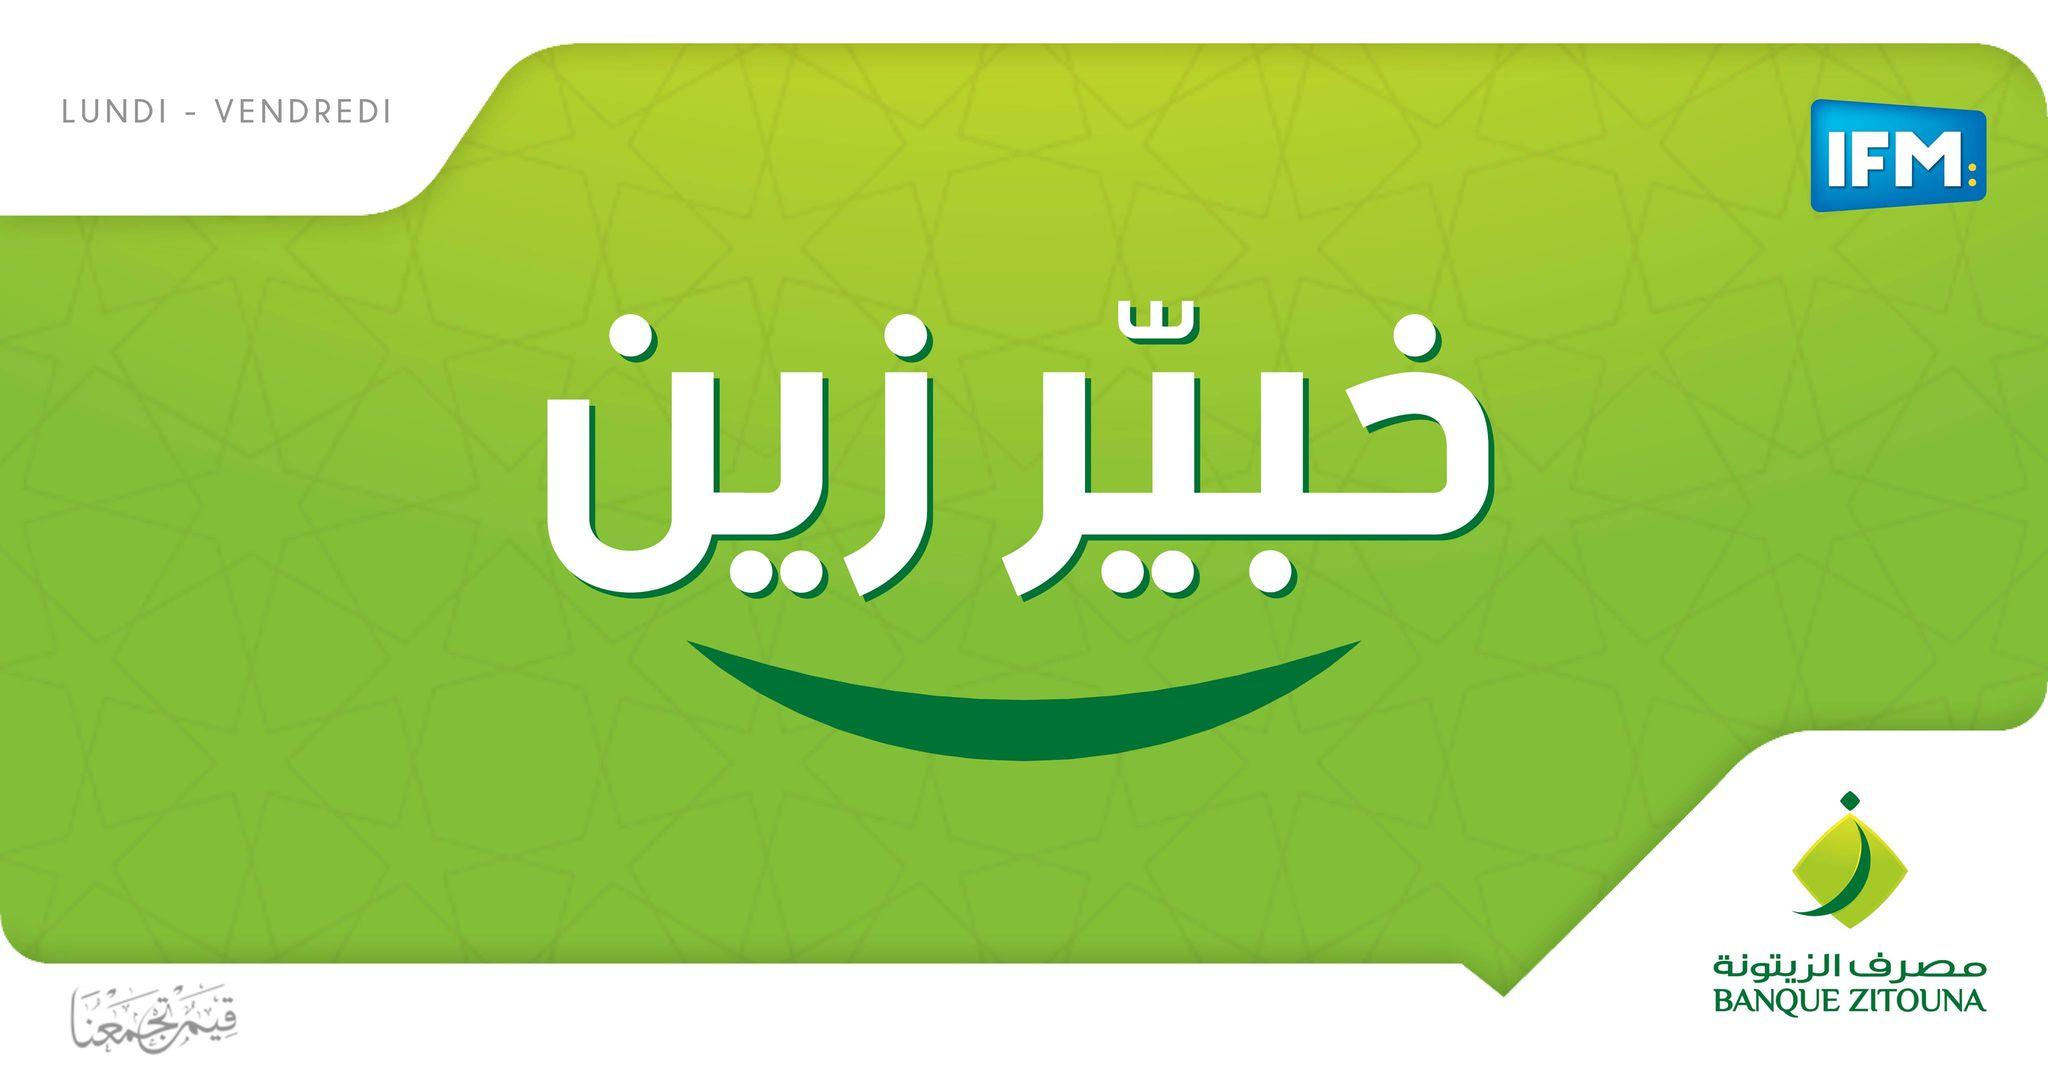 راف ماغ 🌿خبيّر زين مع مصرف الزيتونة🌿               تدعيم المستشفى الجامعي فرحات حشاد بآلة جراحة العيون  متعددة الاختصاصات تشتغل بتقنية wifi وإلي تعتبر من أحدث التكنولوجيات و الأولى من نوعها في المغرب العربي.